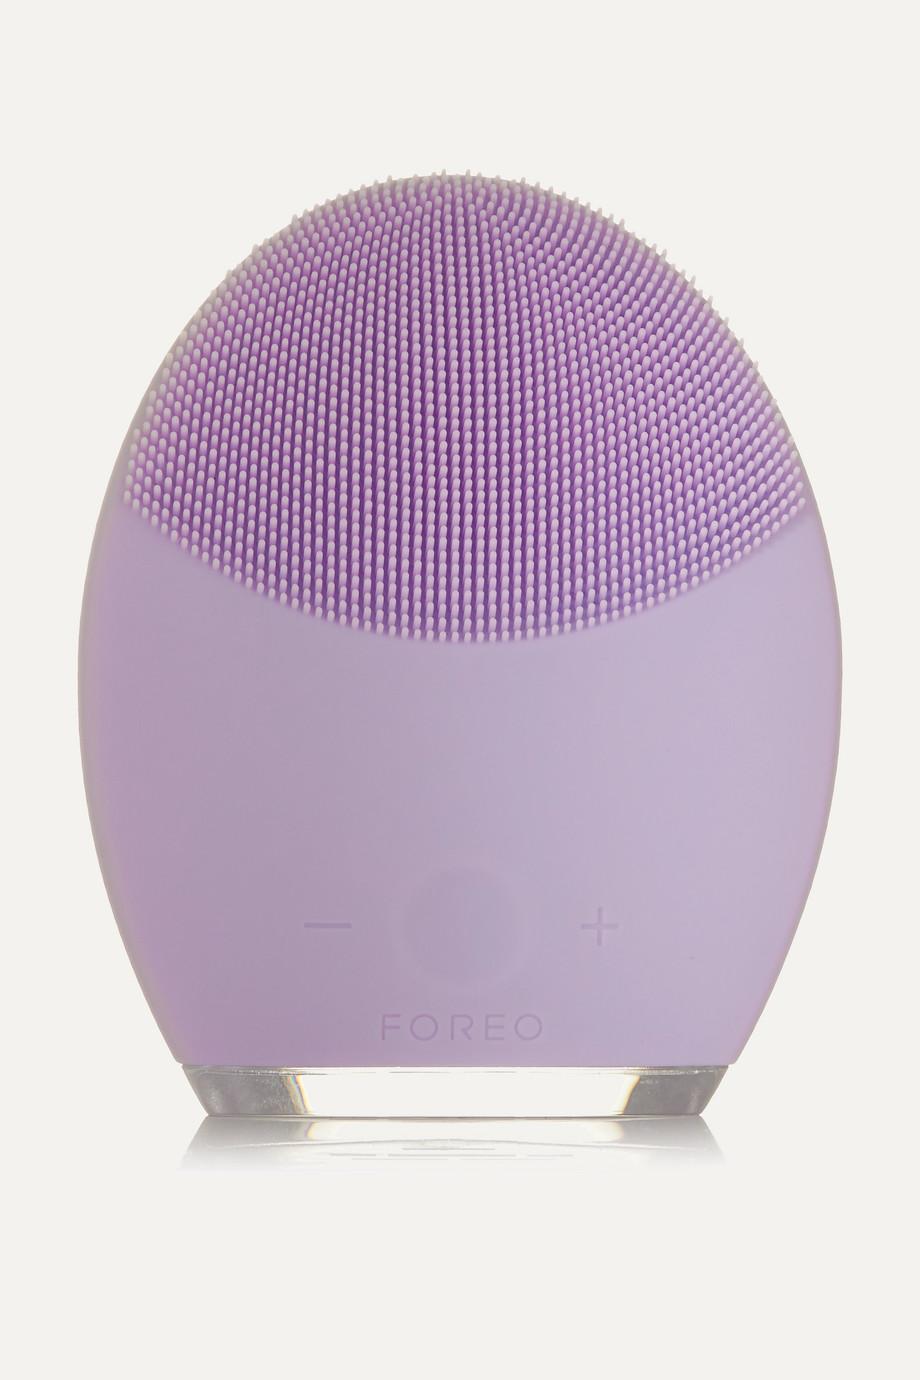 Foreo LUNA™ 2 Cleansing System for Sensitive Skin - Lavender